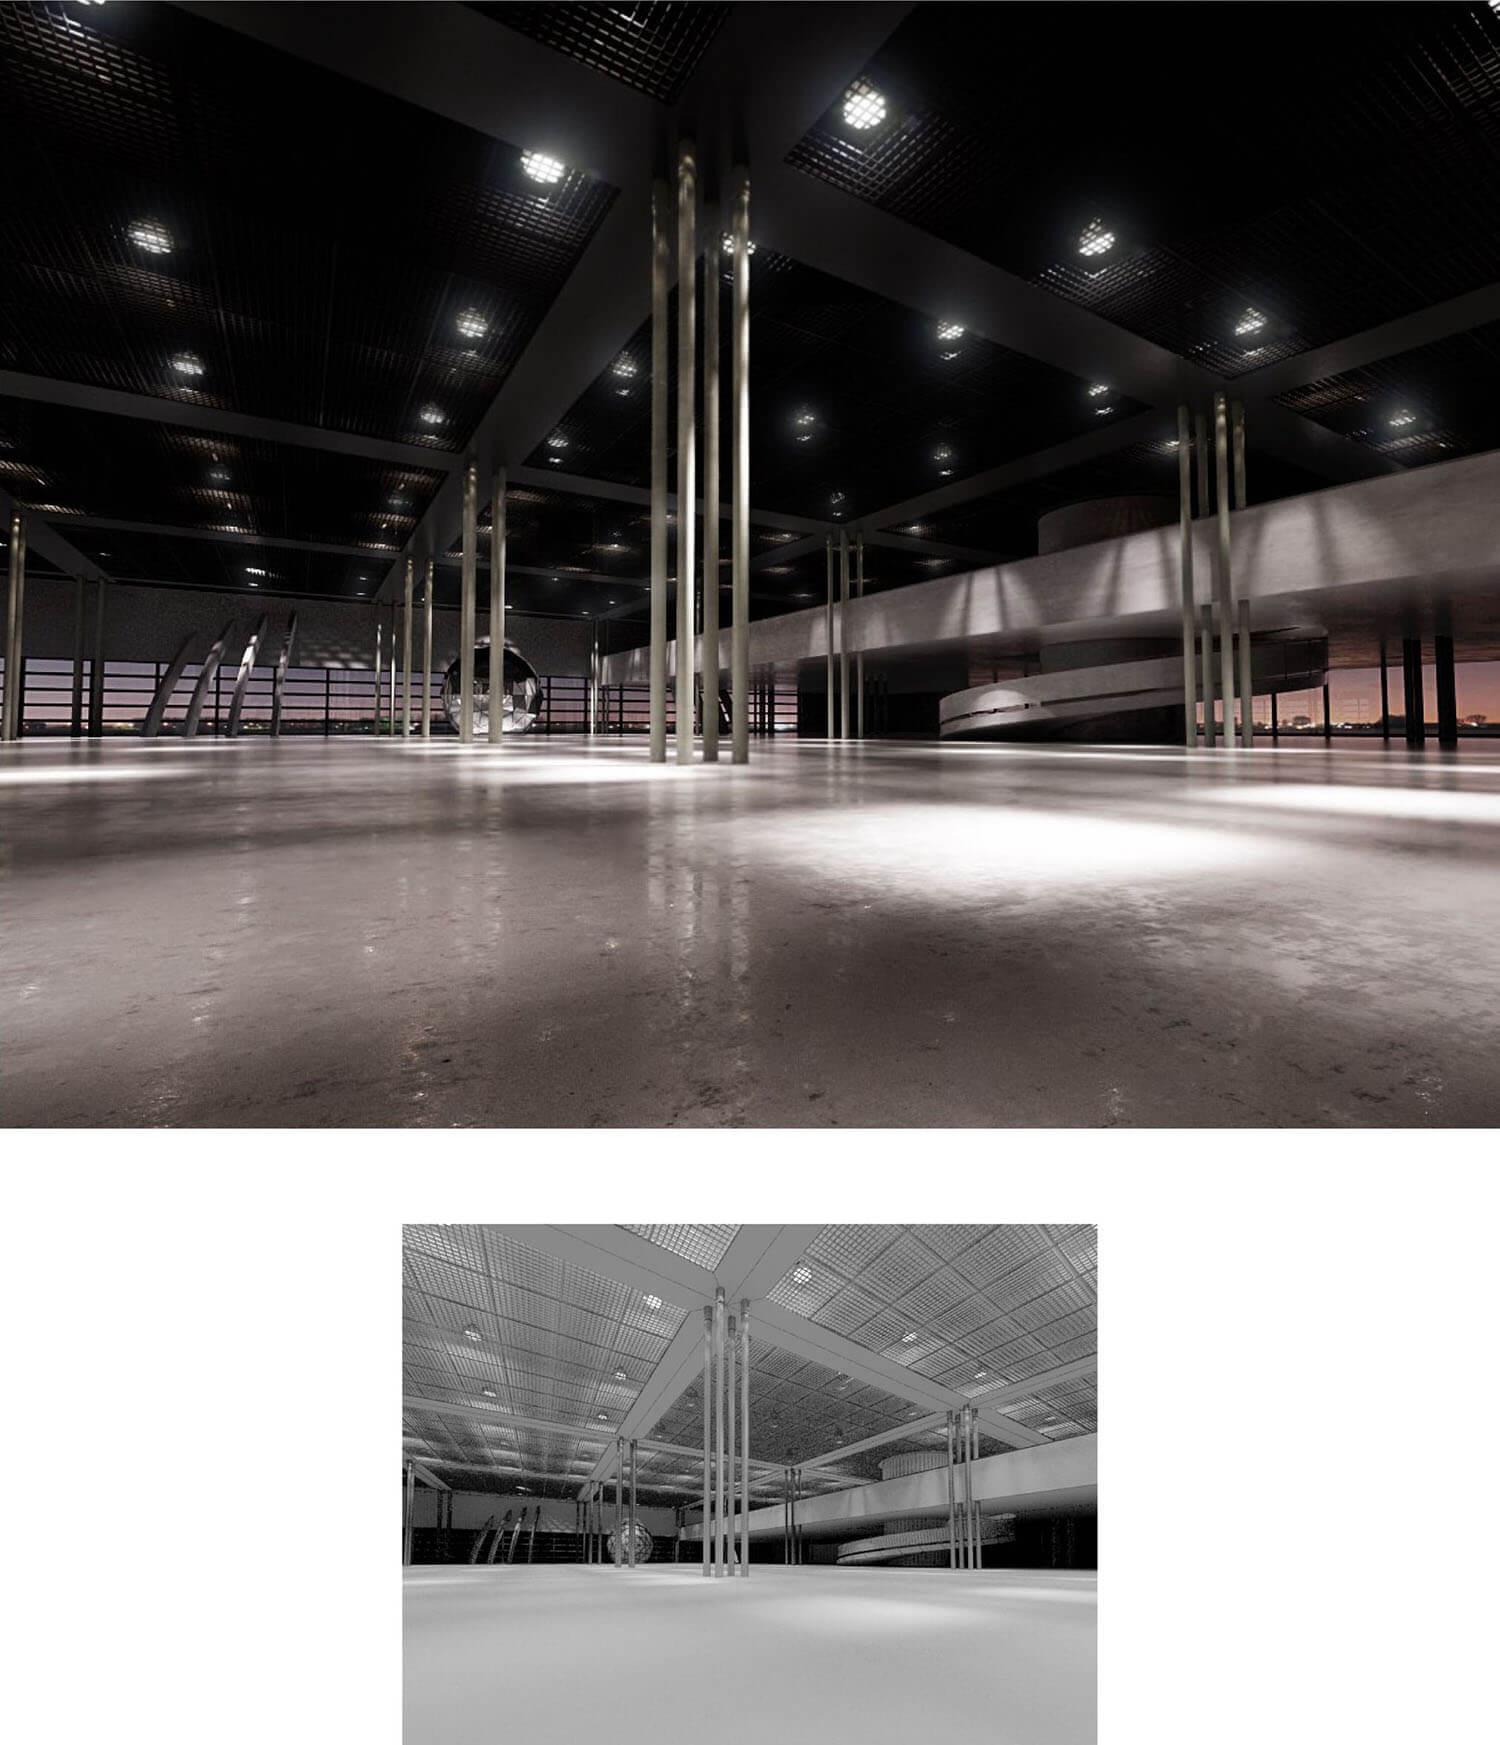 Không gian trưng bày đẹp đang đợi sự sắp đặt của các kiến trúc sư